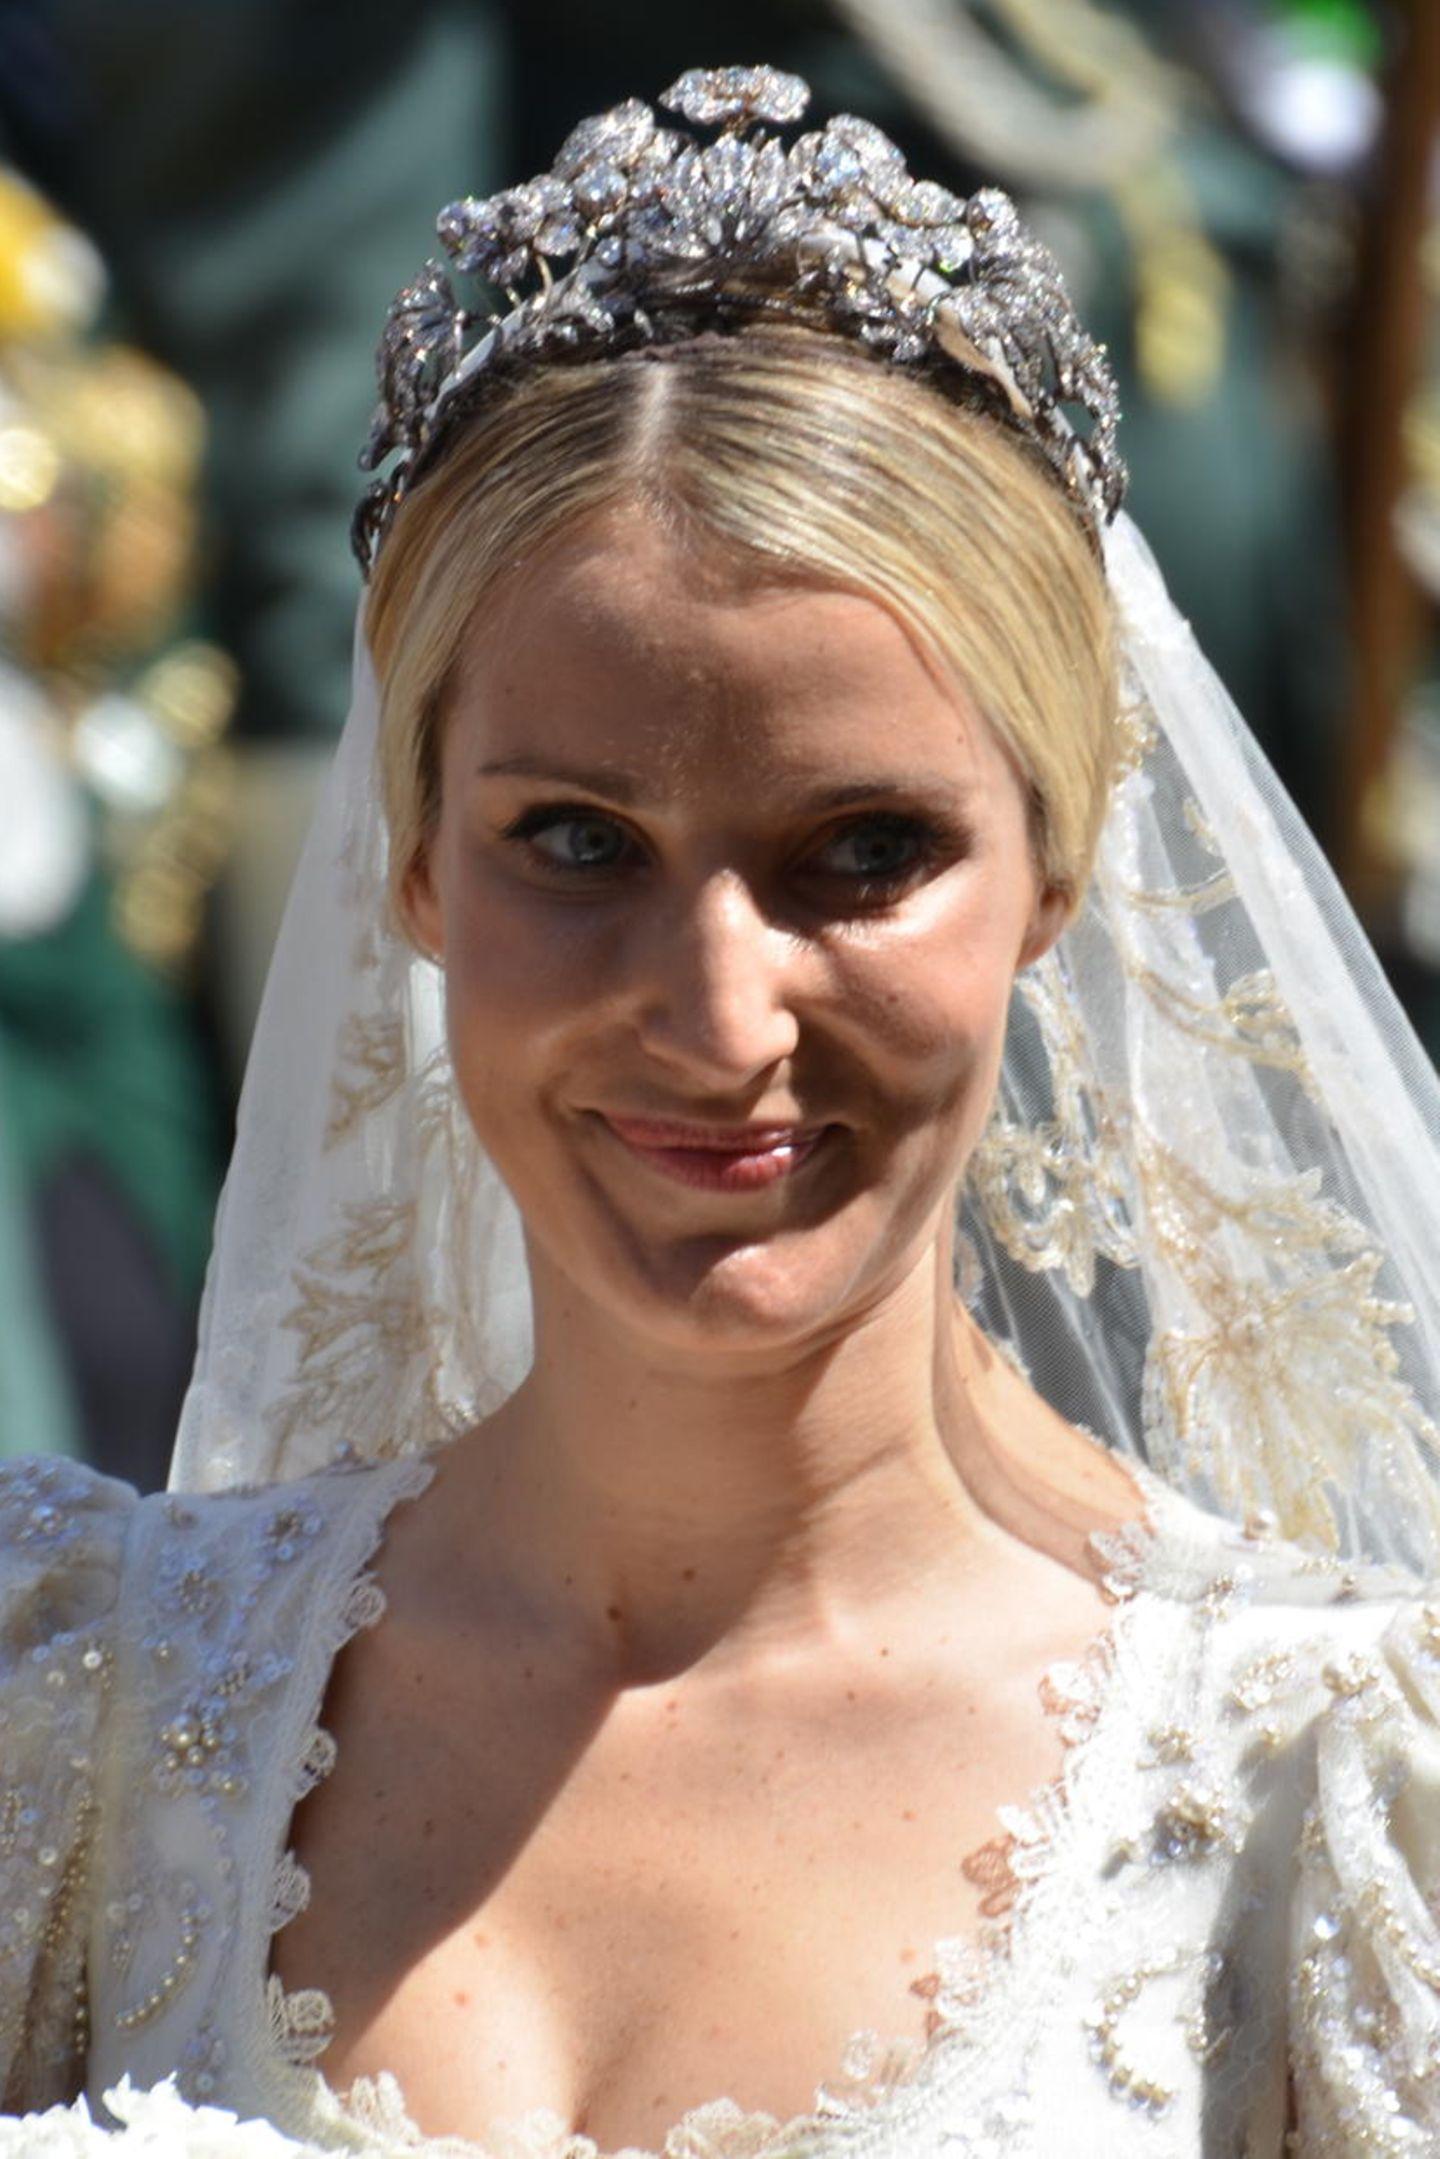 Es ist nicht allein das Kleid aus Chantilly-Spitze, das Ekaterina Malysheva bei ihrer Hochzeit mit Prinz Ernst August so wunderschön erscheinen lässt. Ihren Braut-Look krönt sie mit einem Diadem, das ihr den absoluten Prinzessinnen-Schliff verpasst. Doch fast hätte sie dieses Schmuckstück - ein funkelndes Geissblatt umrankt von Knospen und Blüten - niemals tragen können. Nachdem Viktoria Luise, Prinzessin von Preußen und Tochter des letzten deutschen Kaisers, es erstmals zu ihrer Hochzeit in 1913 getragen hatte und danach ein Streit um das Stück entfachte, verschwand es nach ihrem Tod in 1980 spurlos. Bis ...